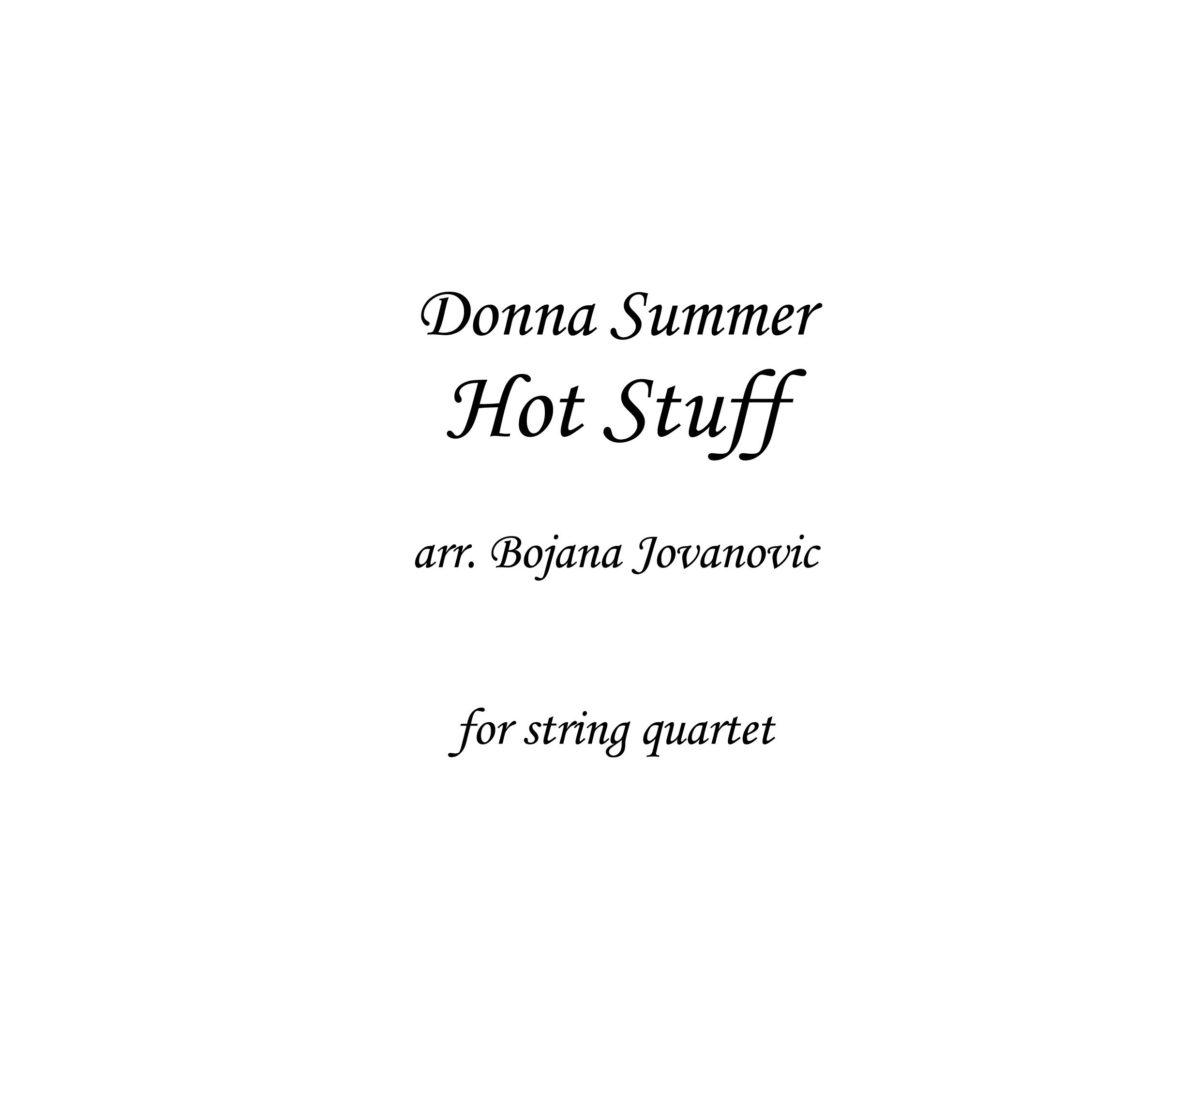 Hot Stuff (Donna Summer) - Sheet Music